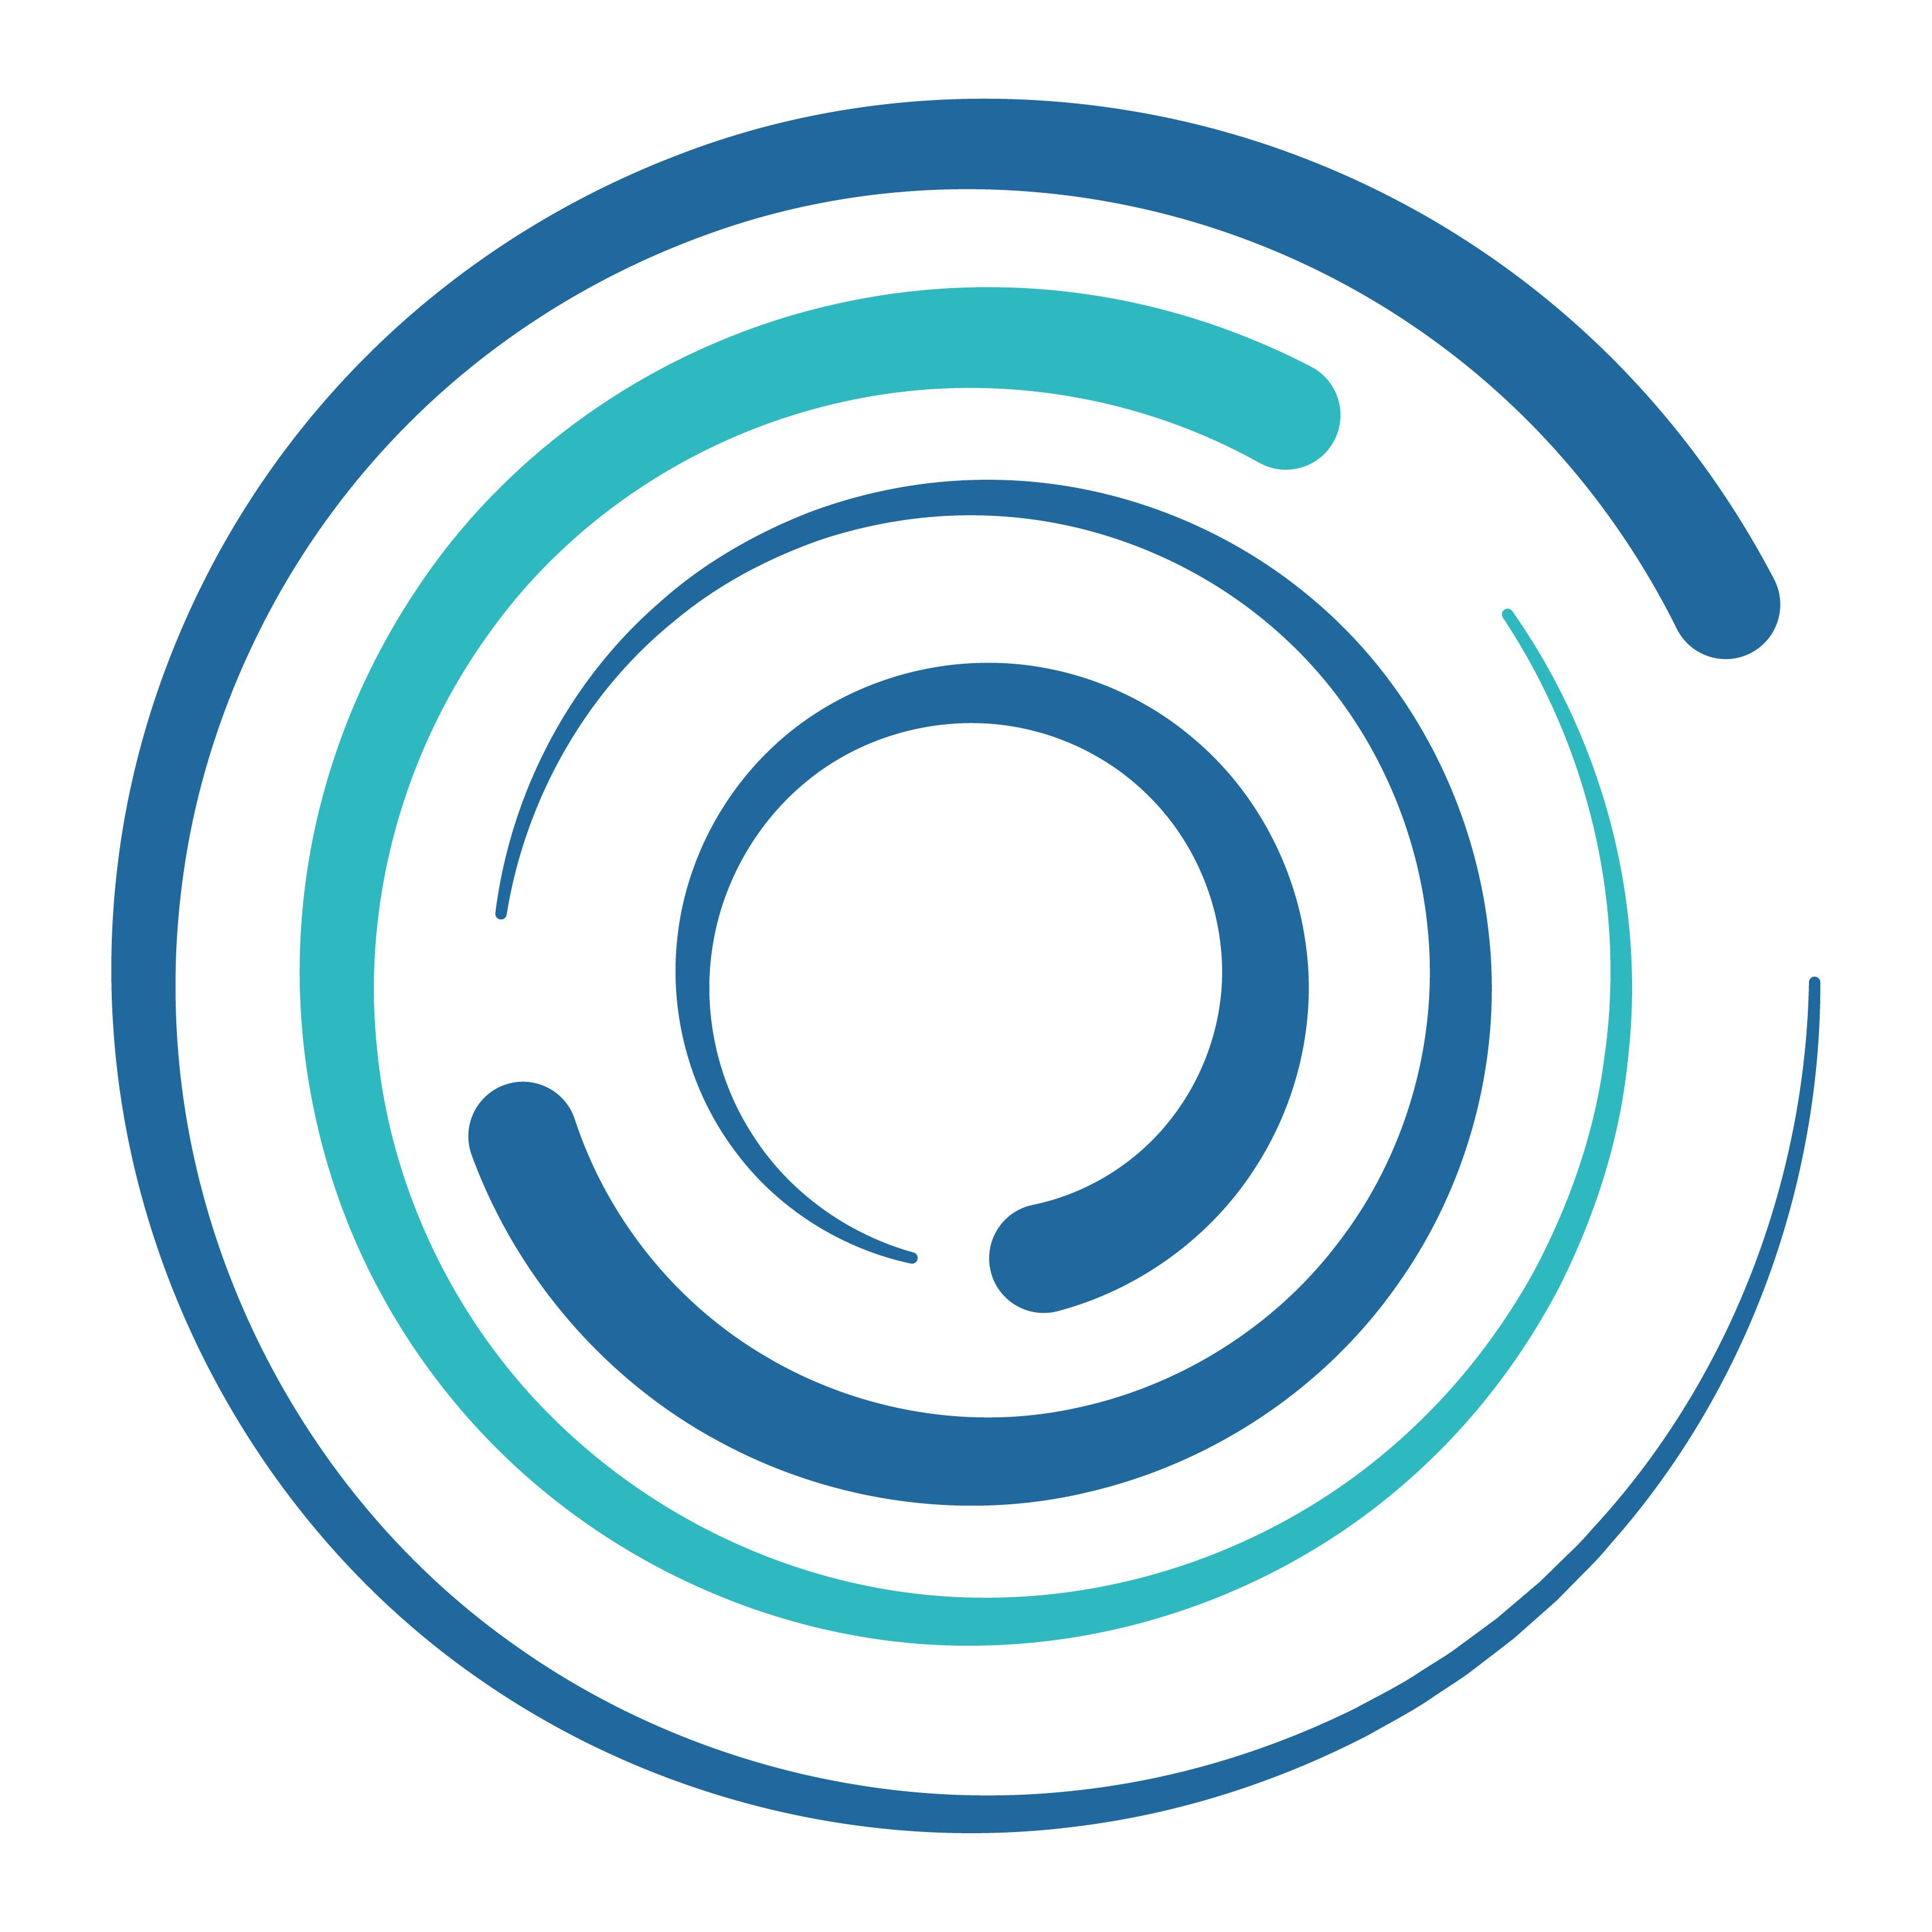 Convosphere logo